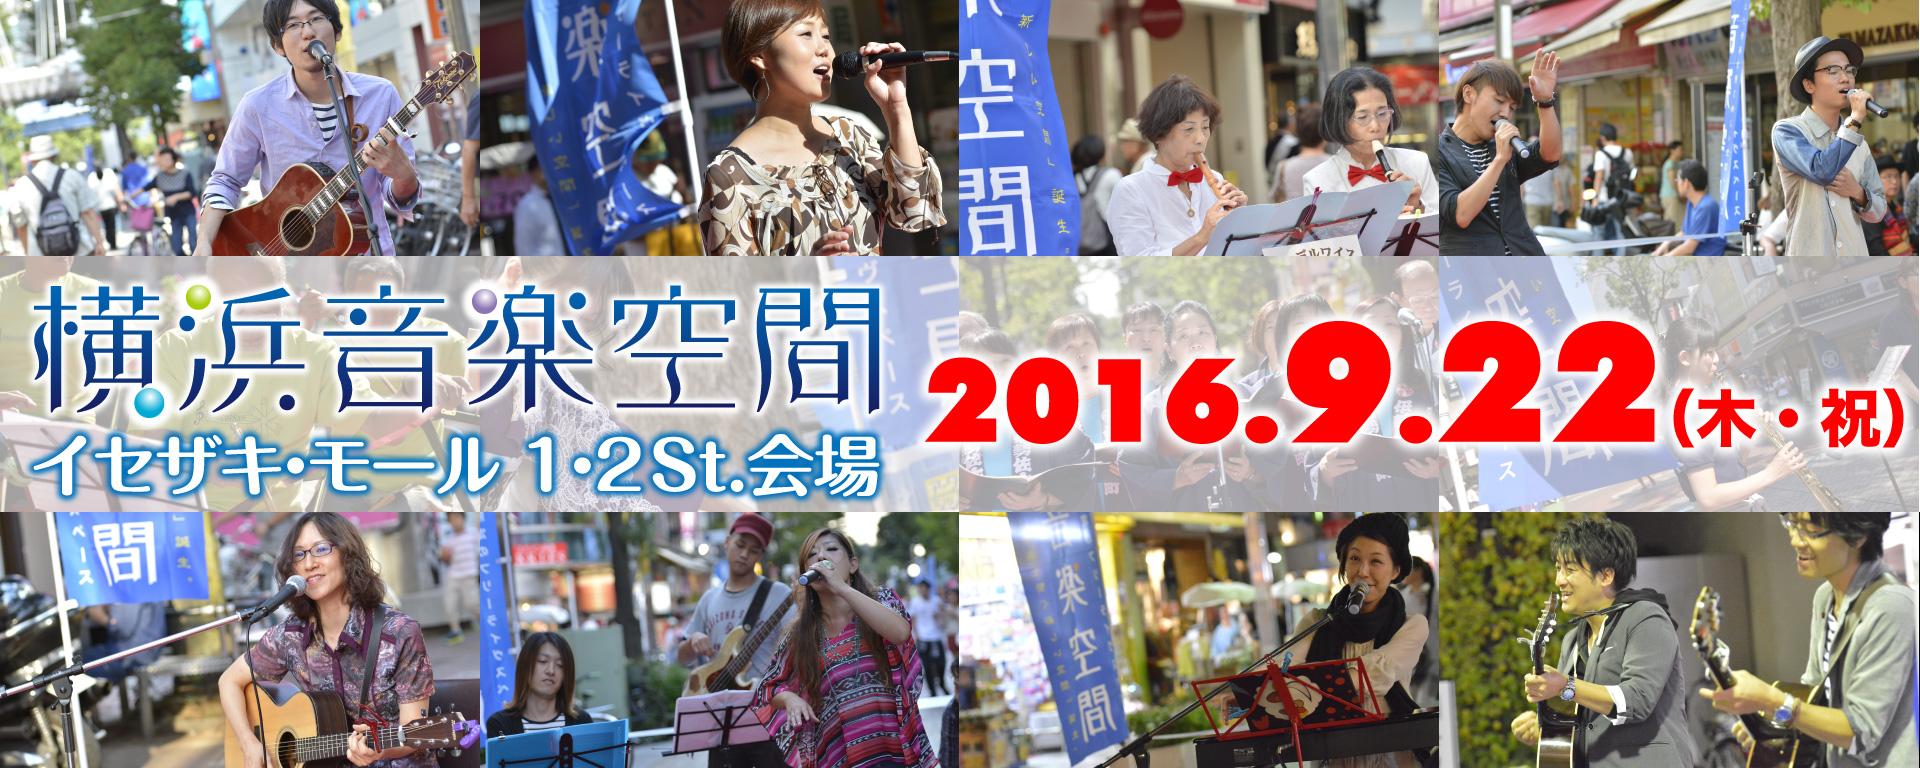 横浜音楽空間2016